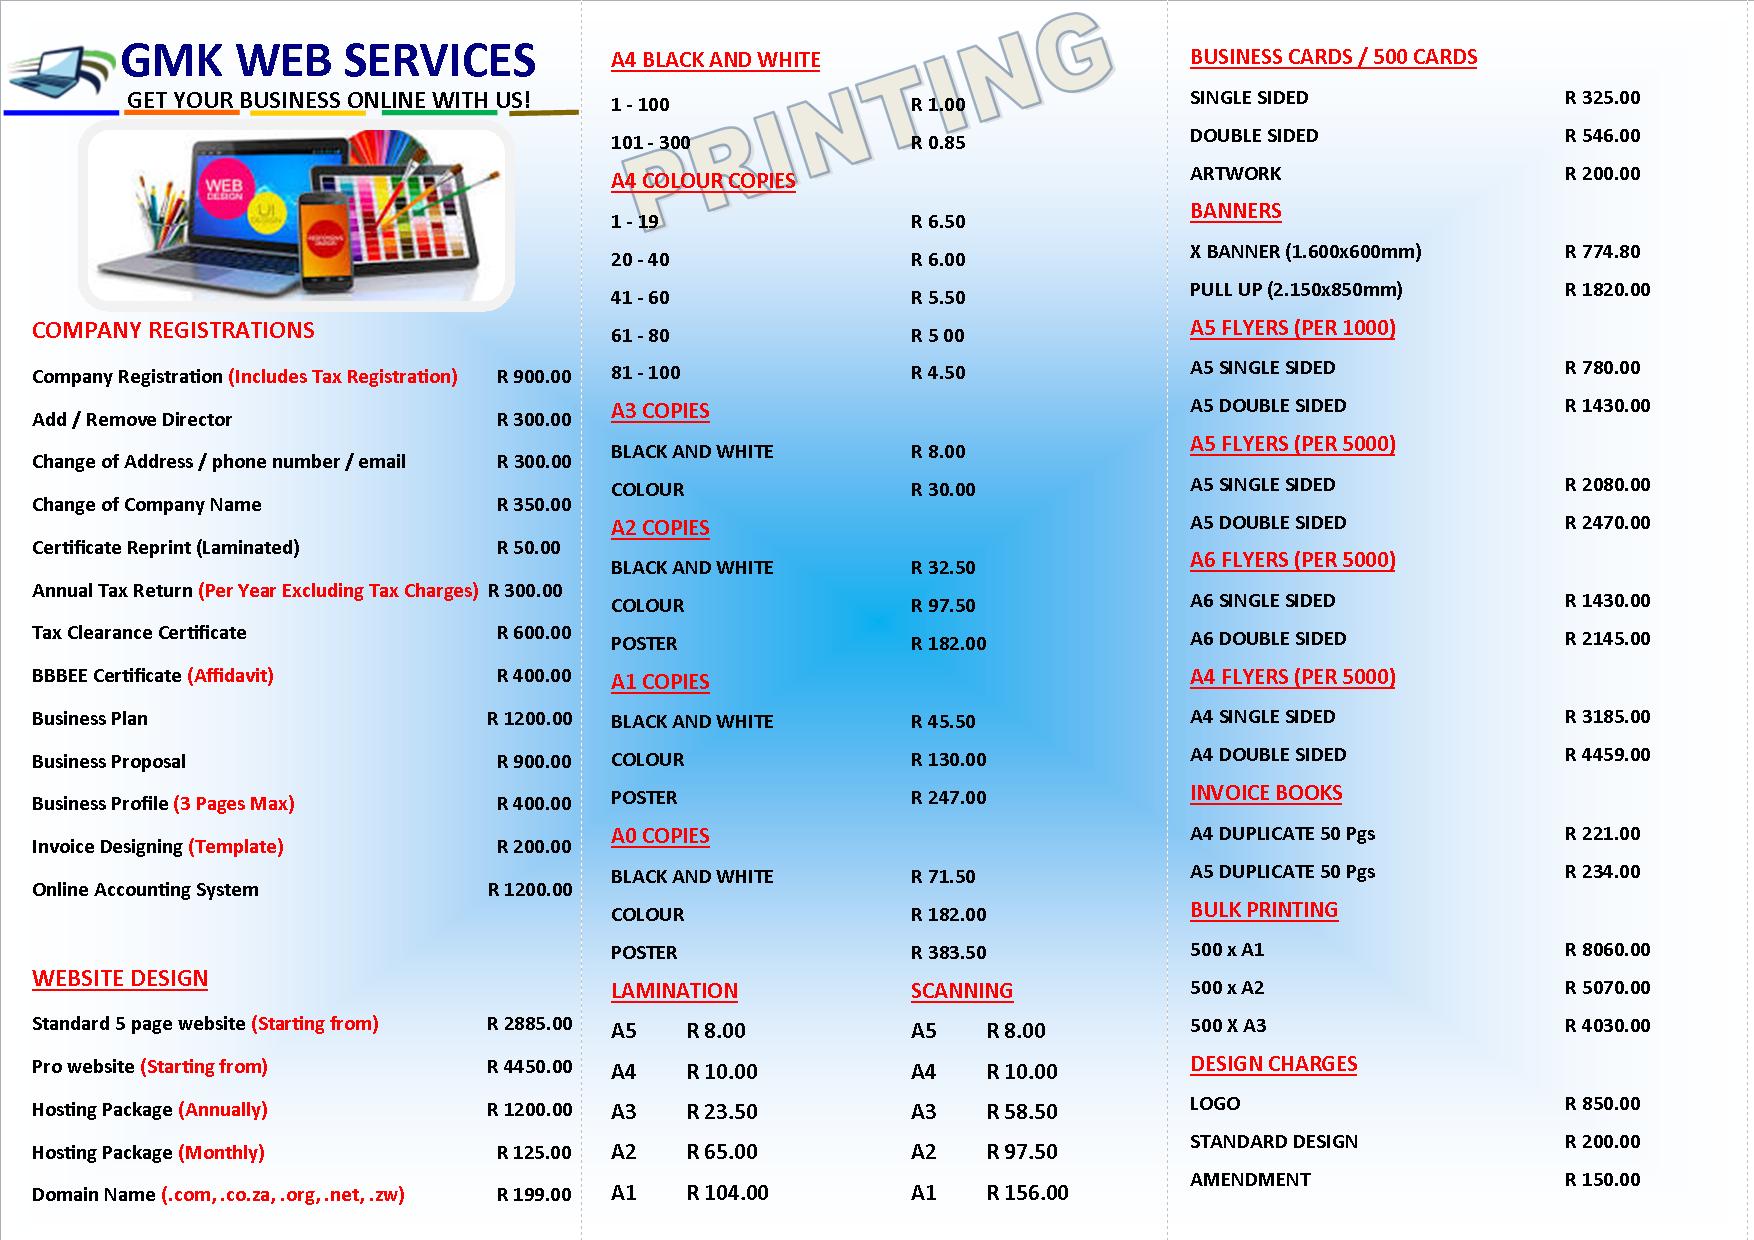 GMK Web Services Brochure - 02